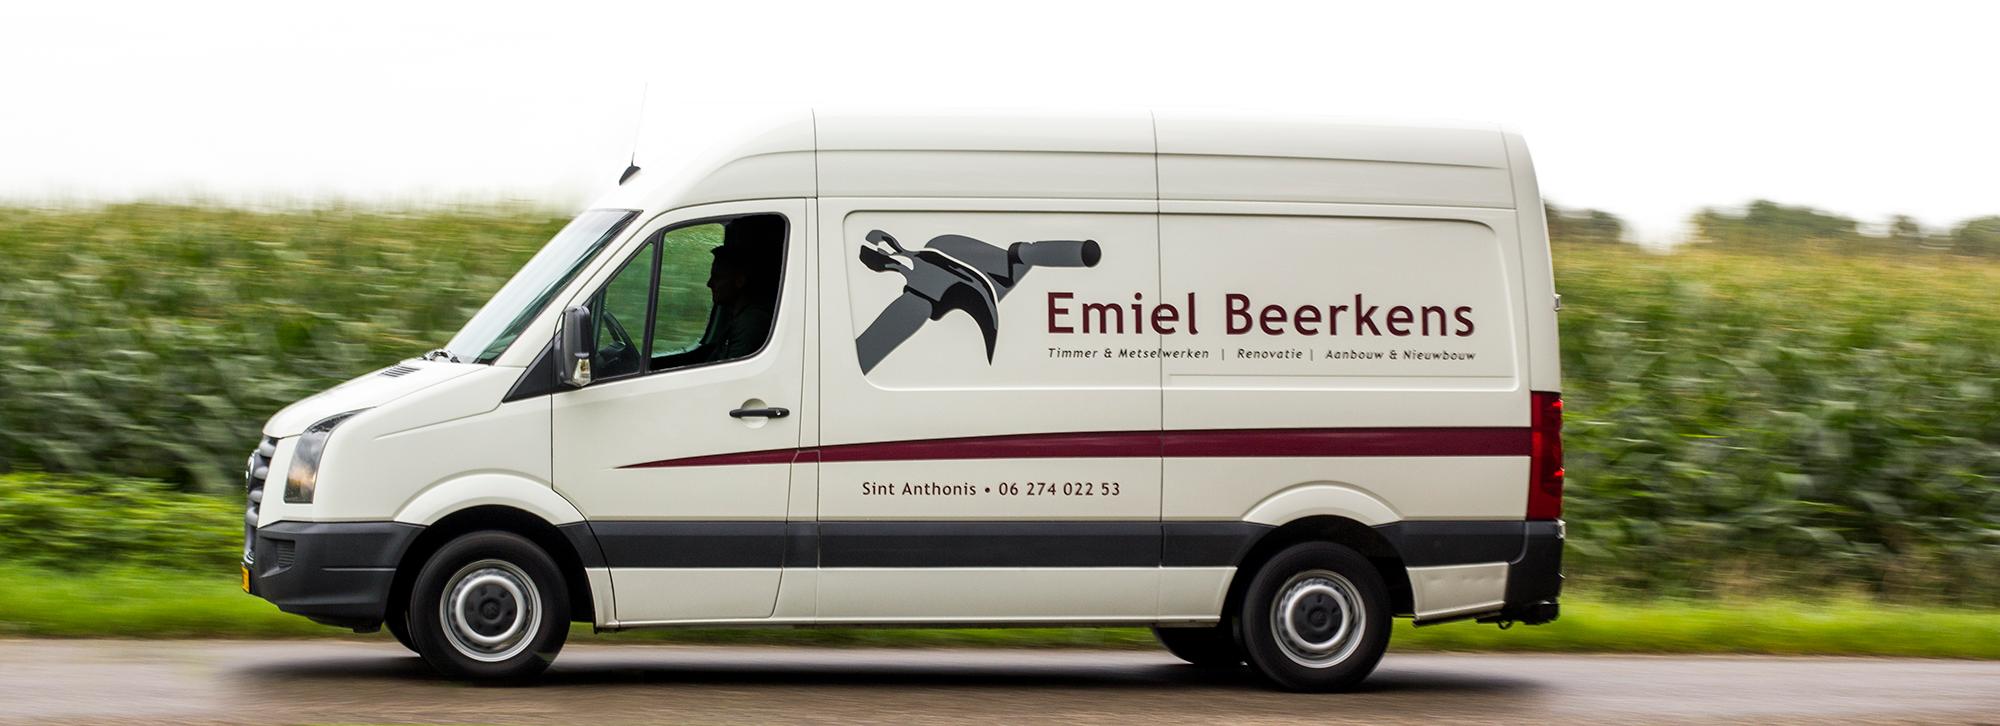 De bedrijfsbus van Emiel Beerkens | Emielbeerkens.nl | Verbouw, aanbouw, renovatie, timmer- en metselwerken